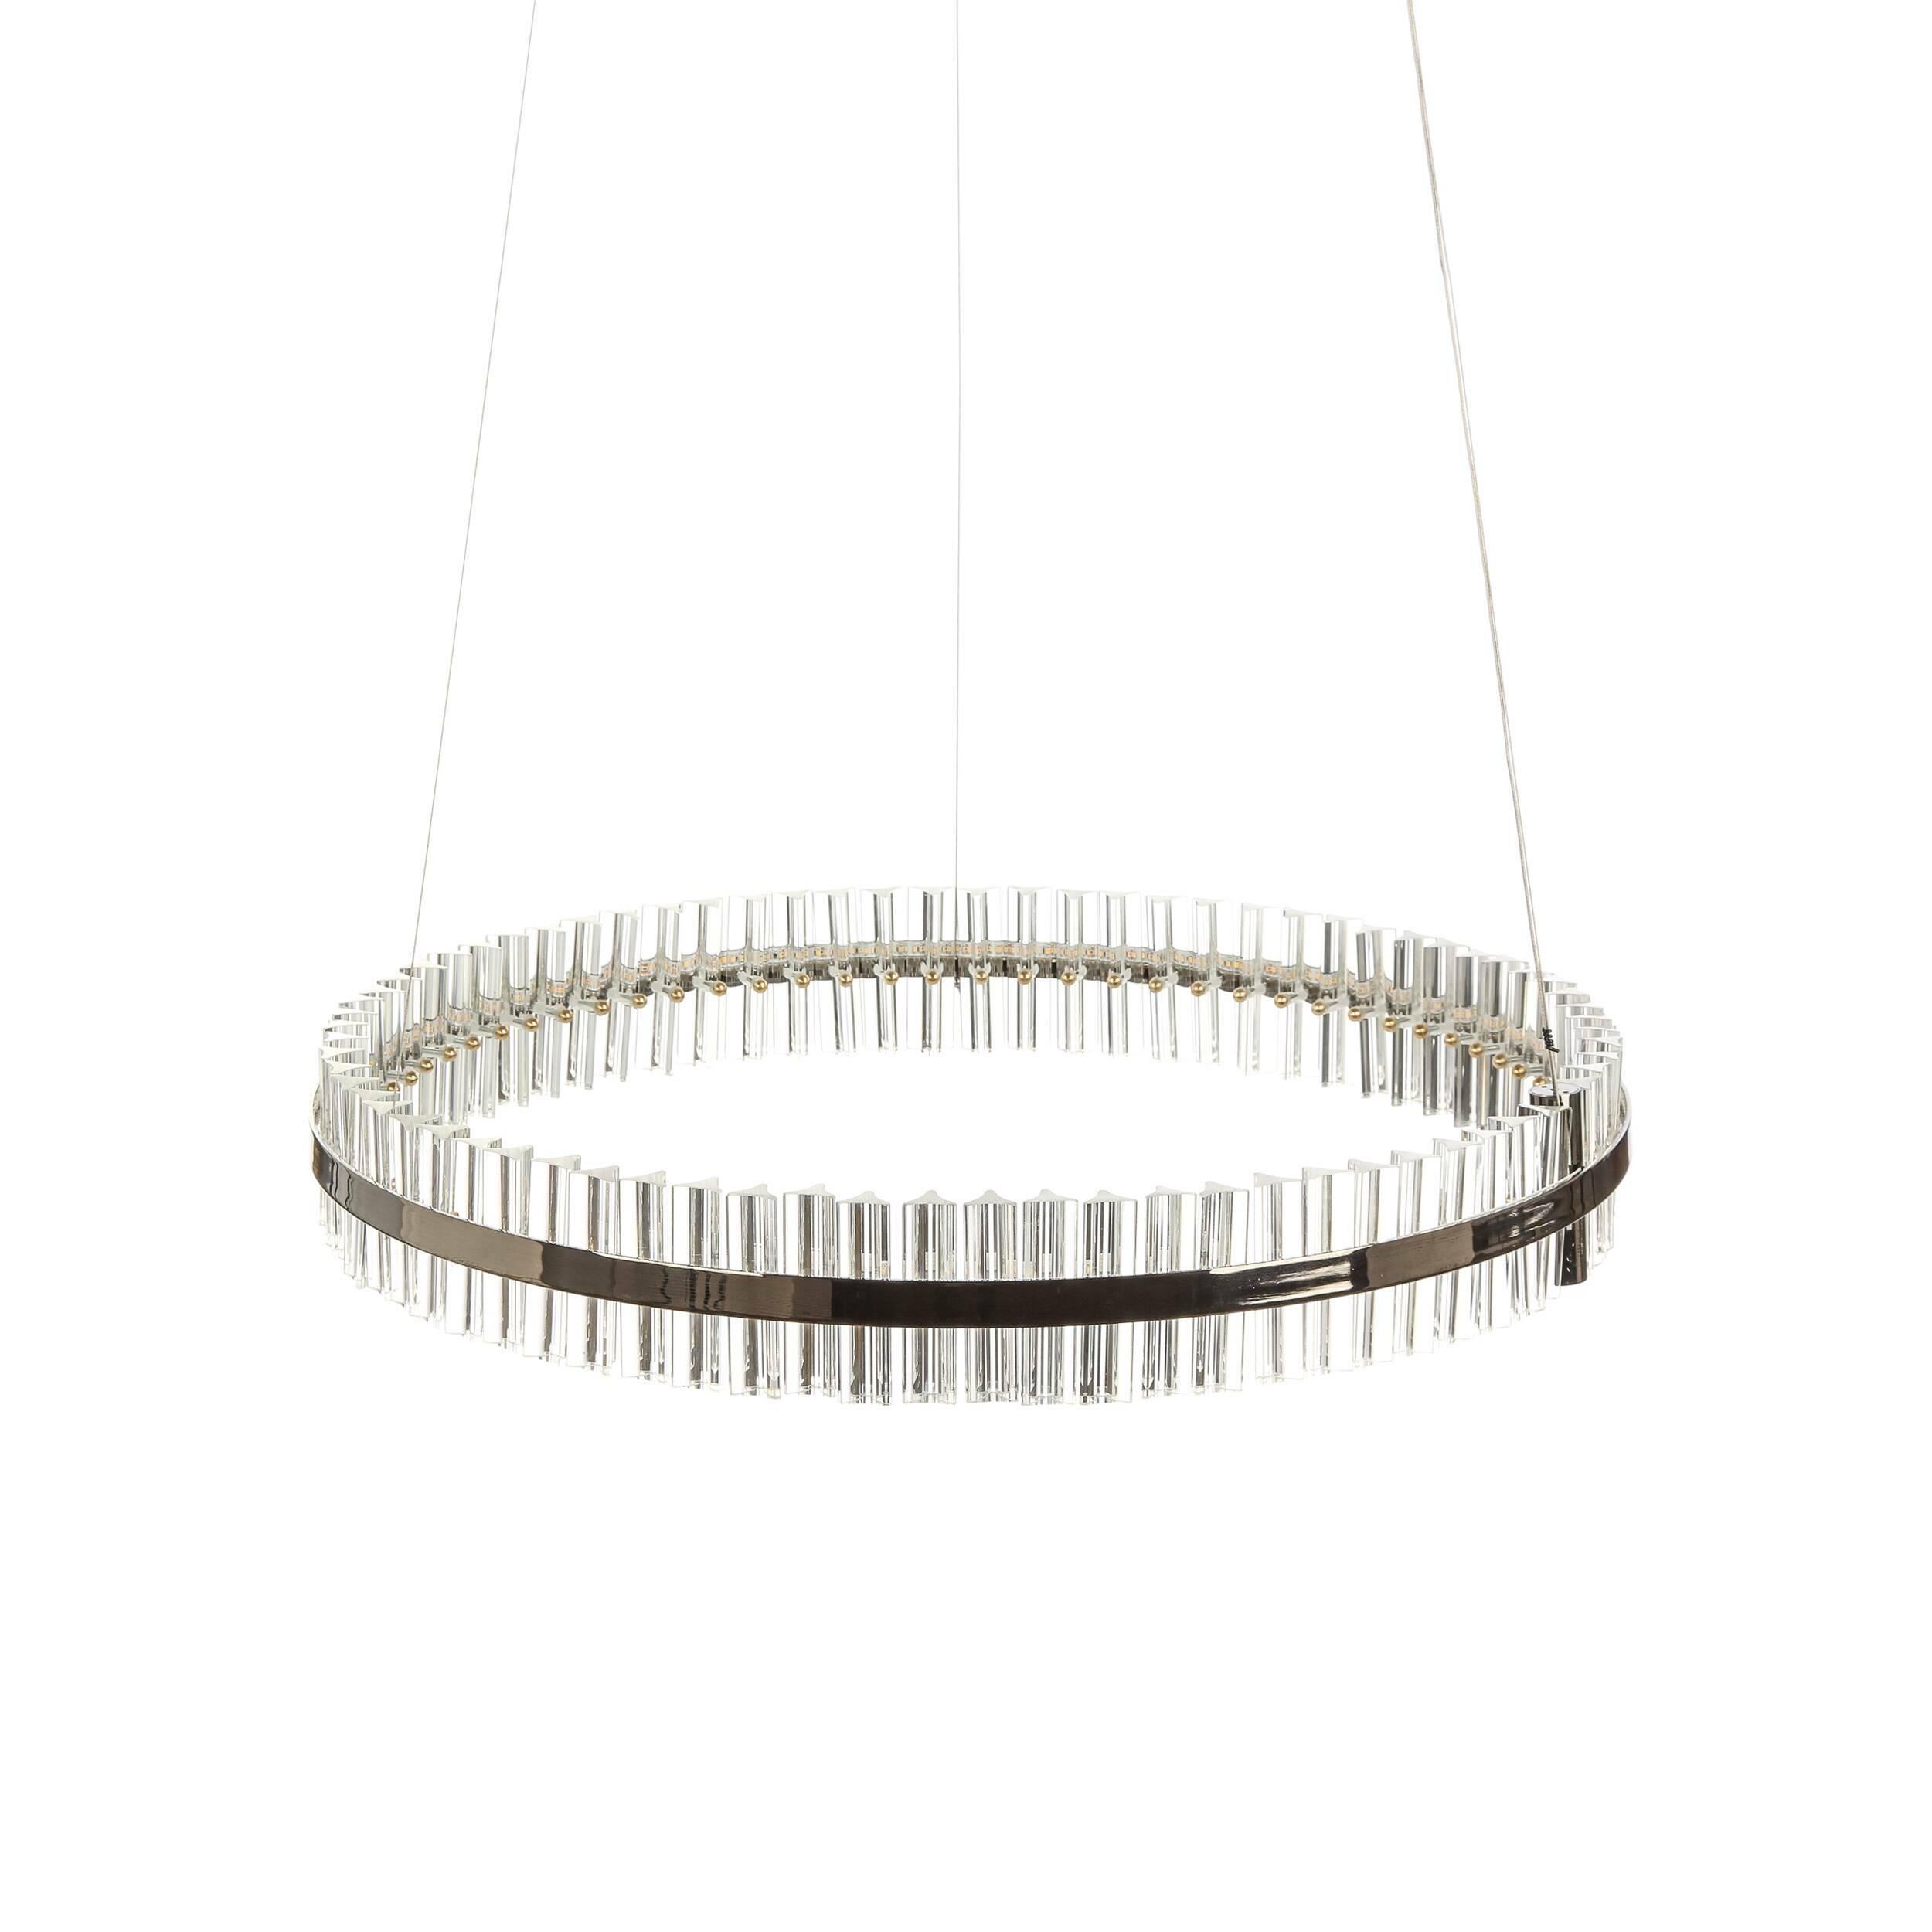 Подвесной светильник ElvenПодвесные<br>Необычный дизайнерский подвесной светильник Elven (Элвен) представляет собой широкий обод из хрусталя. Хрустальными люстрами украшают самые роскошные и пышные помещения. Это изделие ярко выделяется среди других светильников из хрусталя, в нем гармонично сошлись классика и самые современные тренды в дизайнерском искусстве – лофт, минимализм, функциональность.<br><br><br> Кроме хрустальных элементов, для создания этого изделия также используется сталь и алюминий – для надежности креплений и проч...<br><br>stock: 5<br>Высота: 11<br>Диаметр: 78<br>Материал абажура: Хрусталь<br>Материал арматуры: Сталь, Алюминий<br>Мощность лампы: 30<br>Тип лампы/цоколь: LED<br>Цвет абажура: Черный<br>Цвет арматуры: Черный